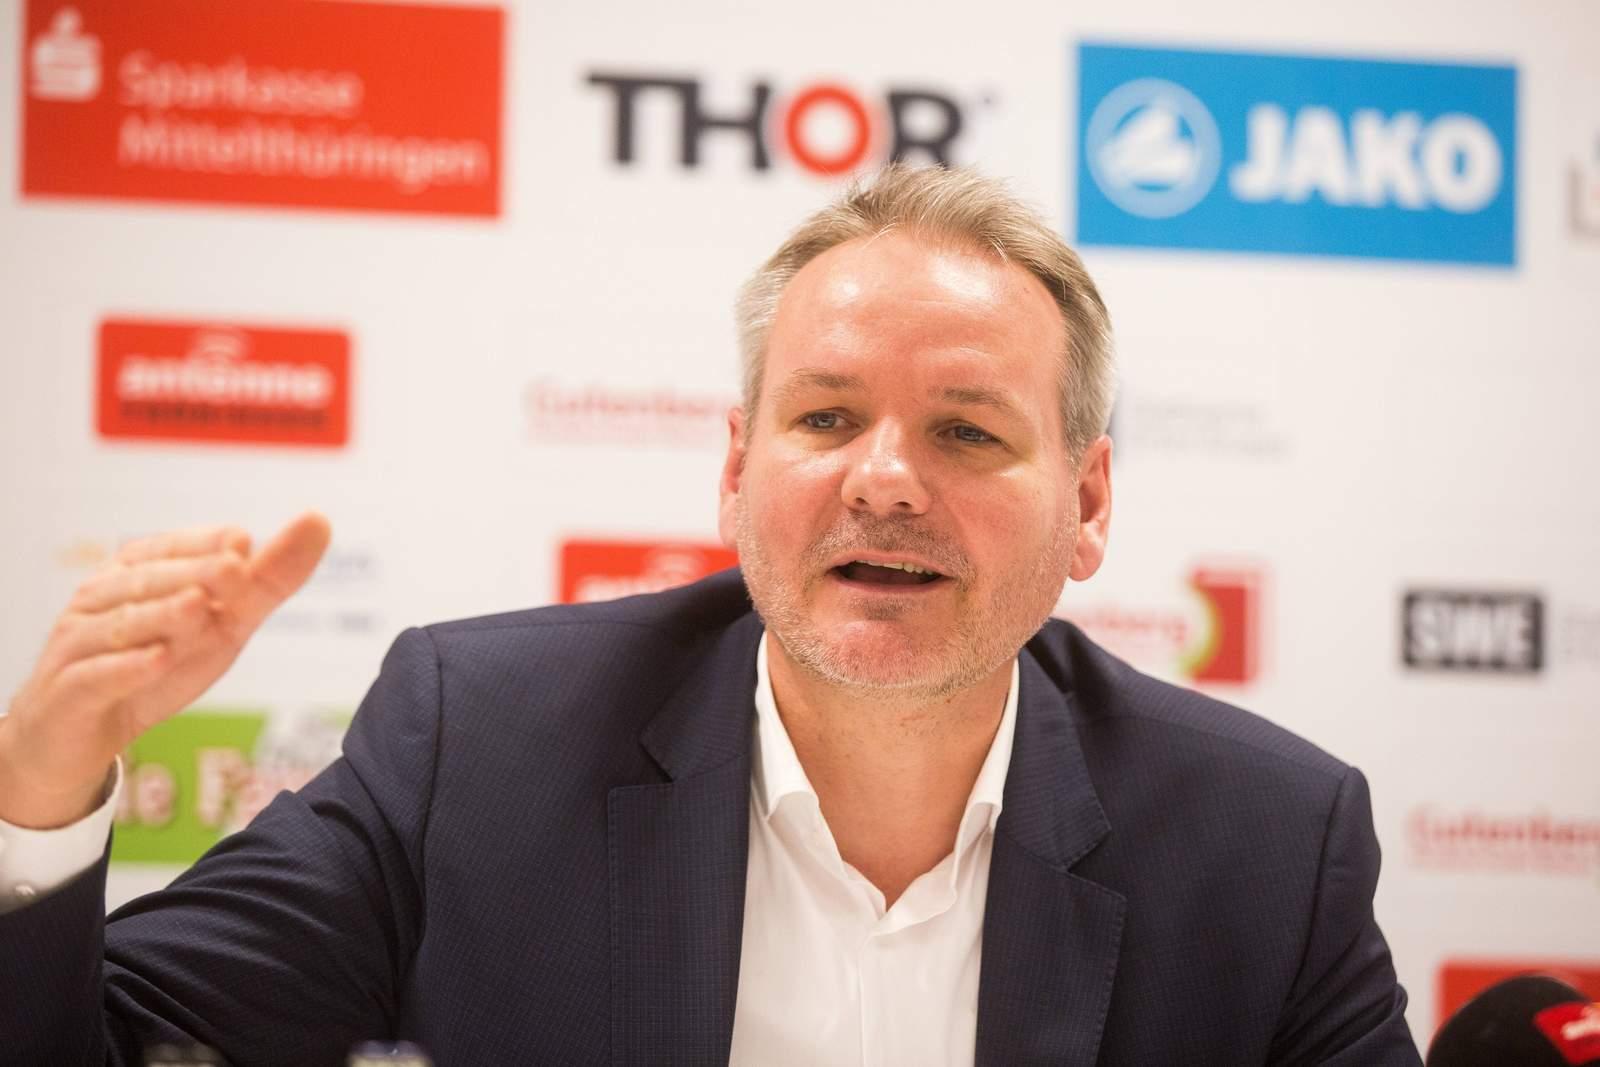 Schlechte Karten beim Aufsichtsrat: RWE-Chef Frank Nowag